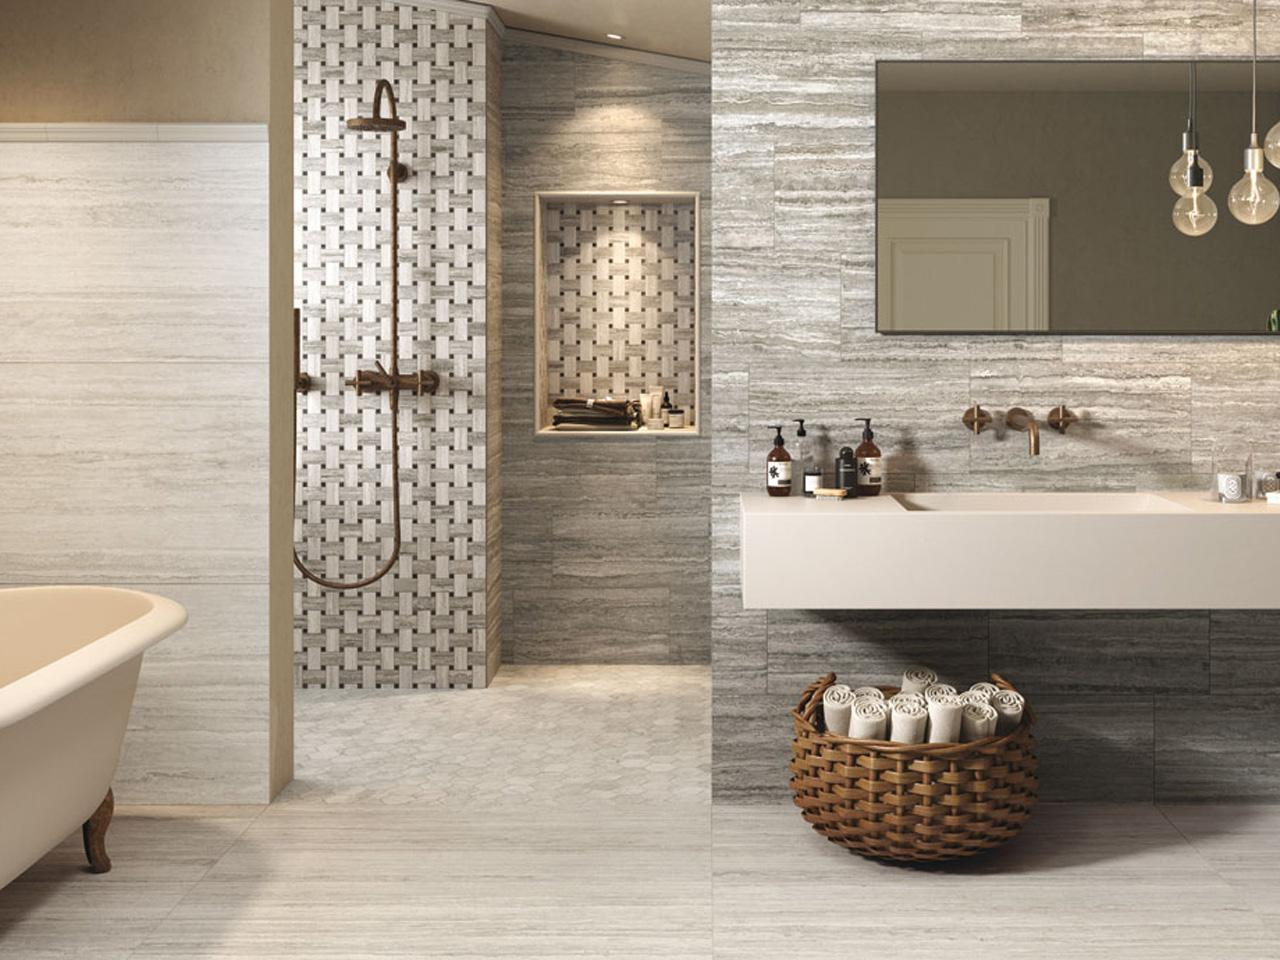 Bagnoidea prodotti e tendenze per arredare il bagno - Arredo bagno design ...